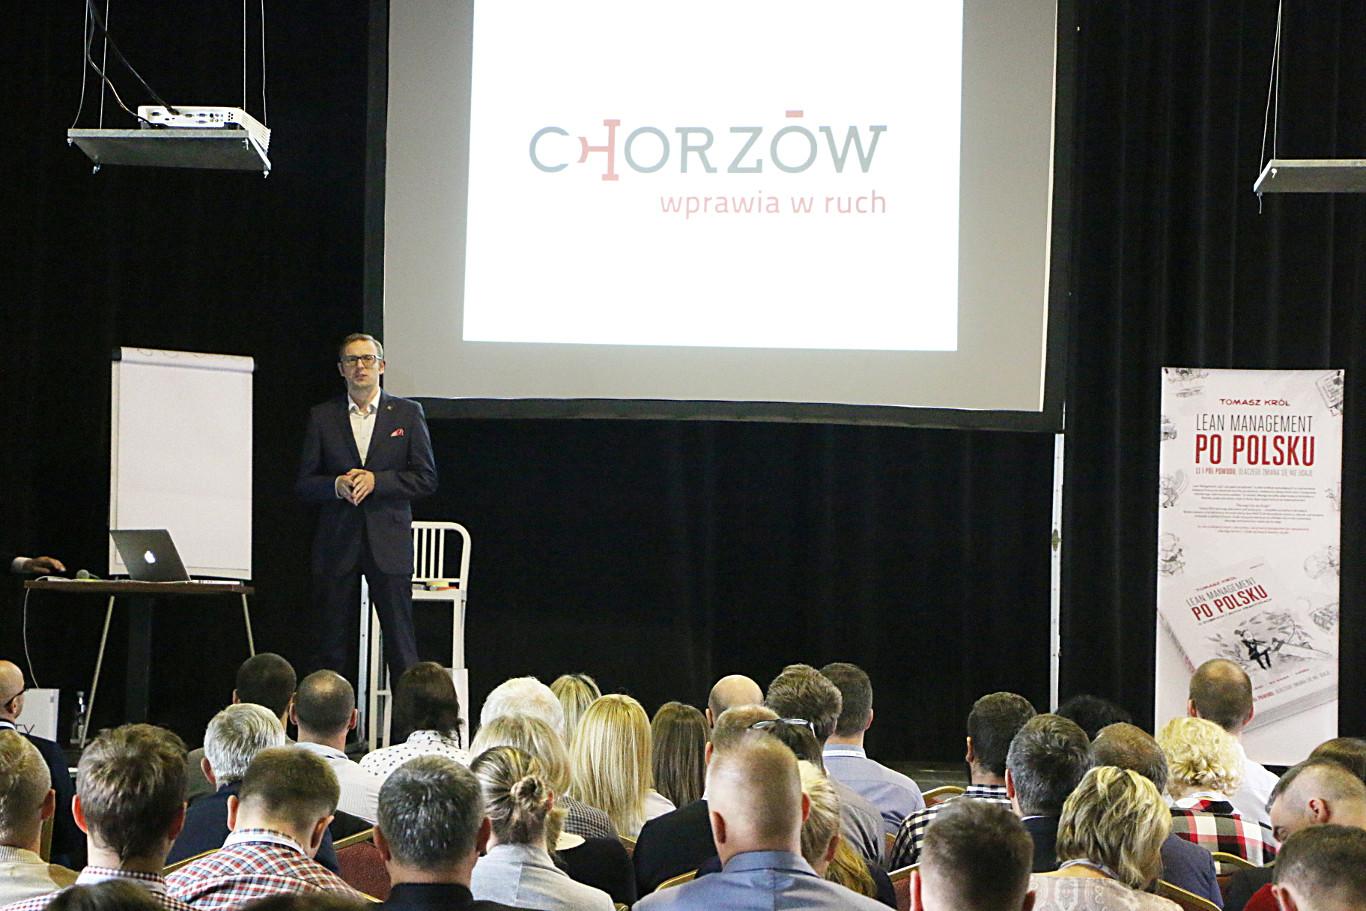 Miasto Chorzów gospodarzem konferencji Lean